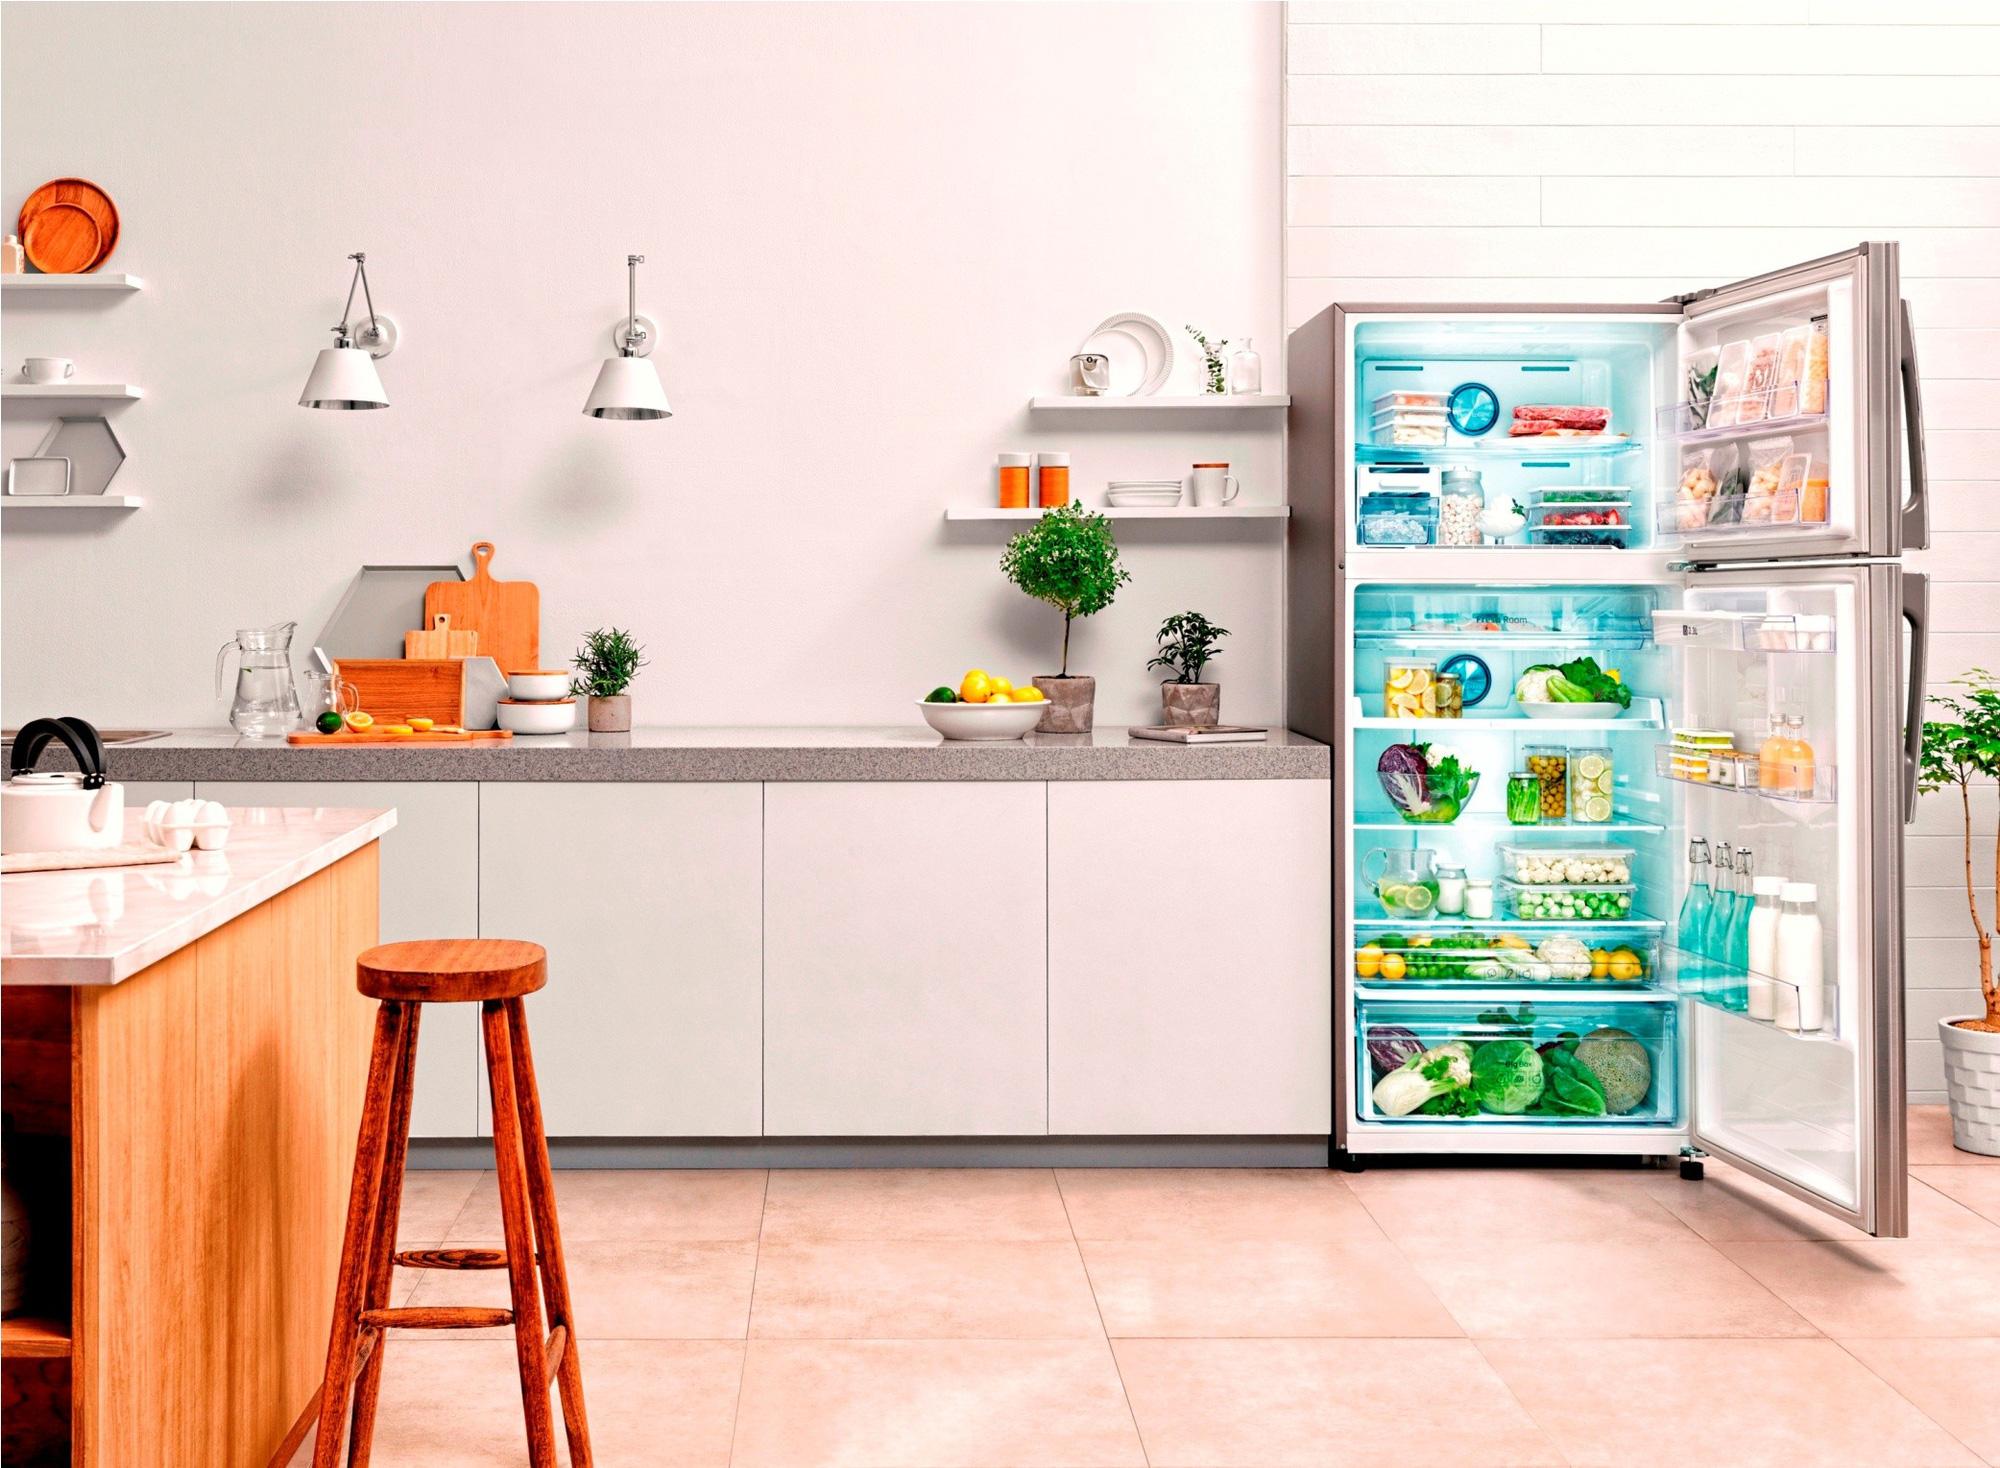 4 kinh nghiệm nằm lòng bạn cần biết nếu đang có ý định muốn mua tủ lạnh mới-2